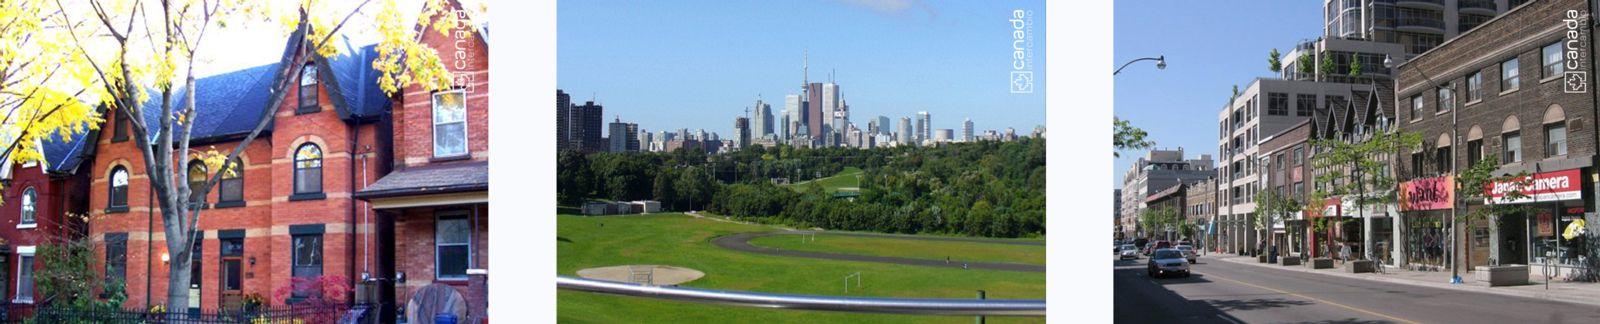 Riverdale. Toronto